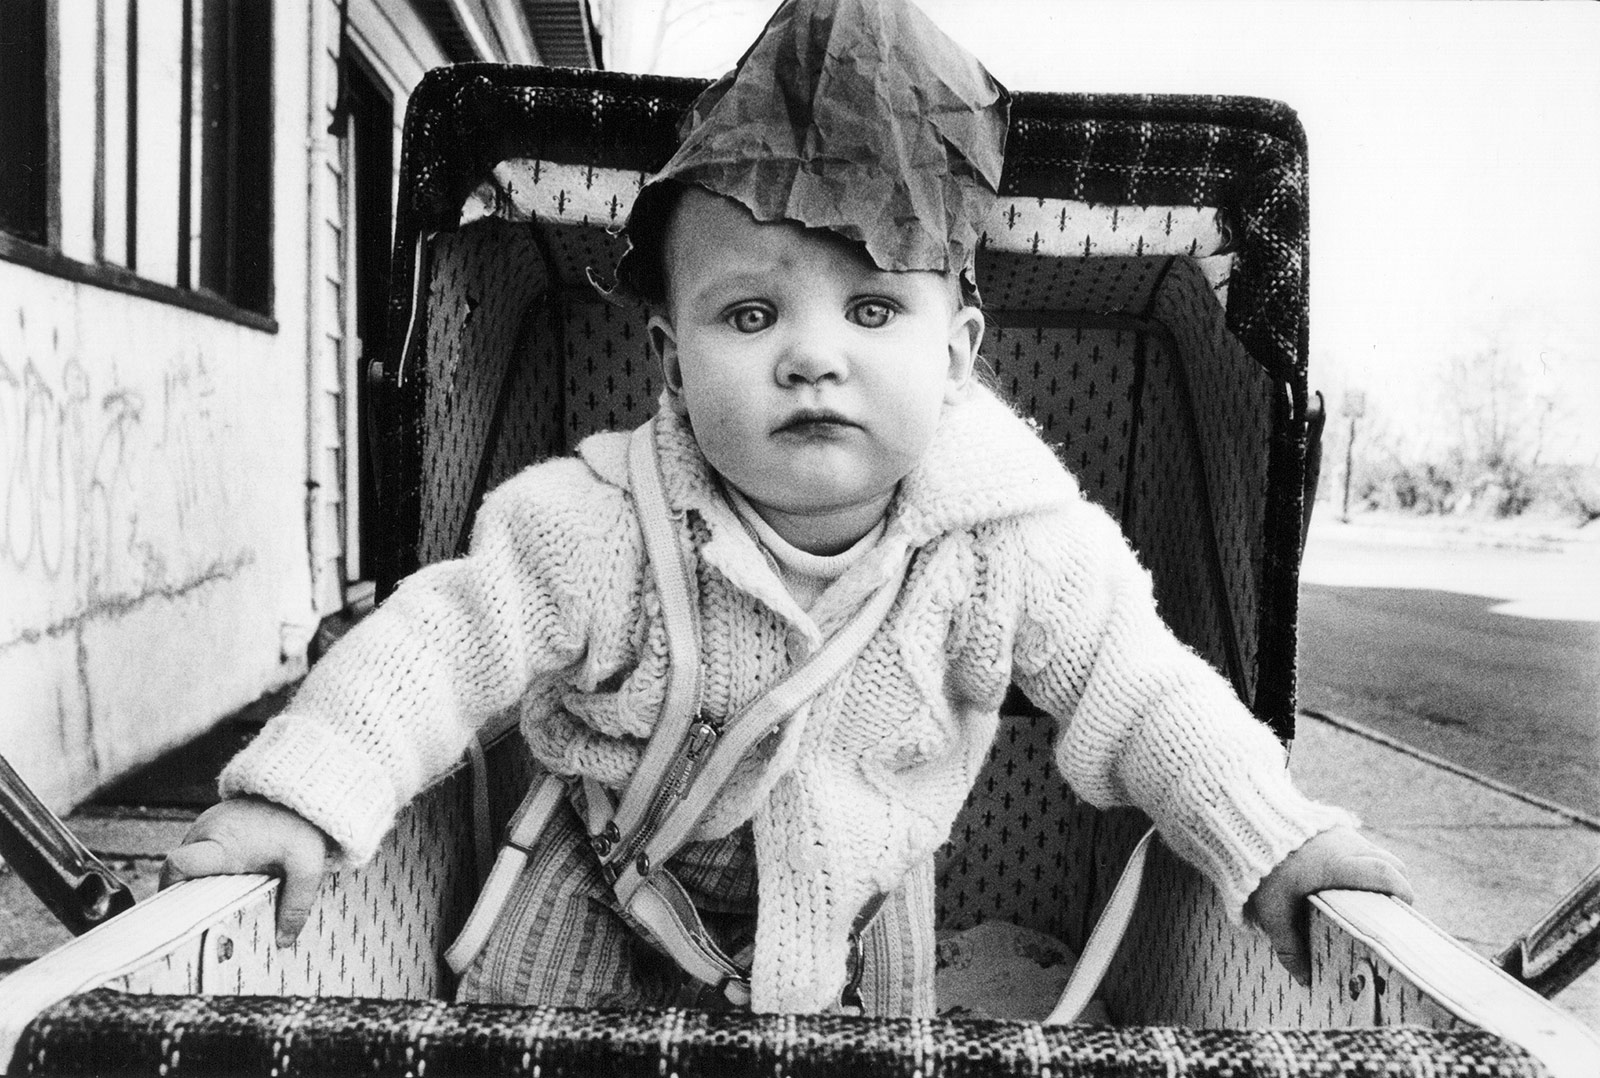 10 arlene gottfried baby with paper bag on head  staten island  1974 copyright arlene gottfried courtesy galerie bene taschen